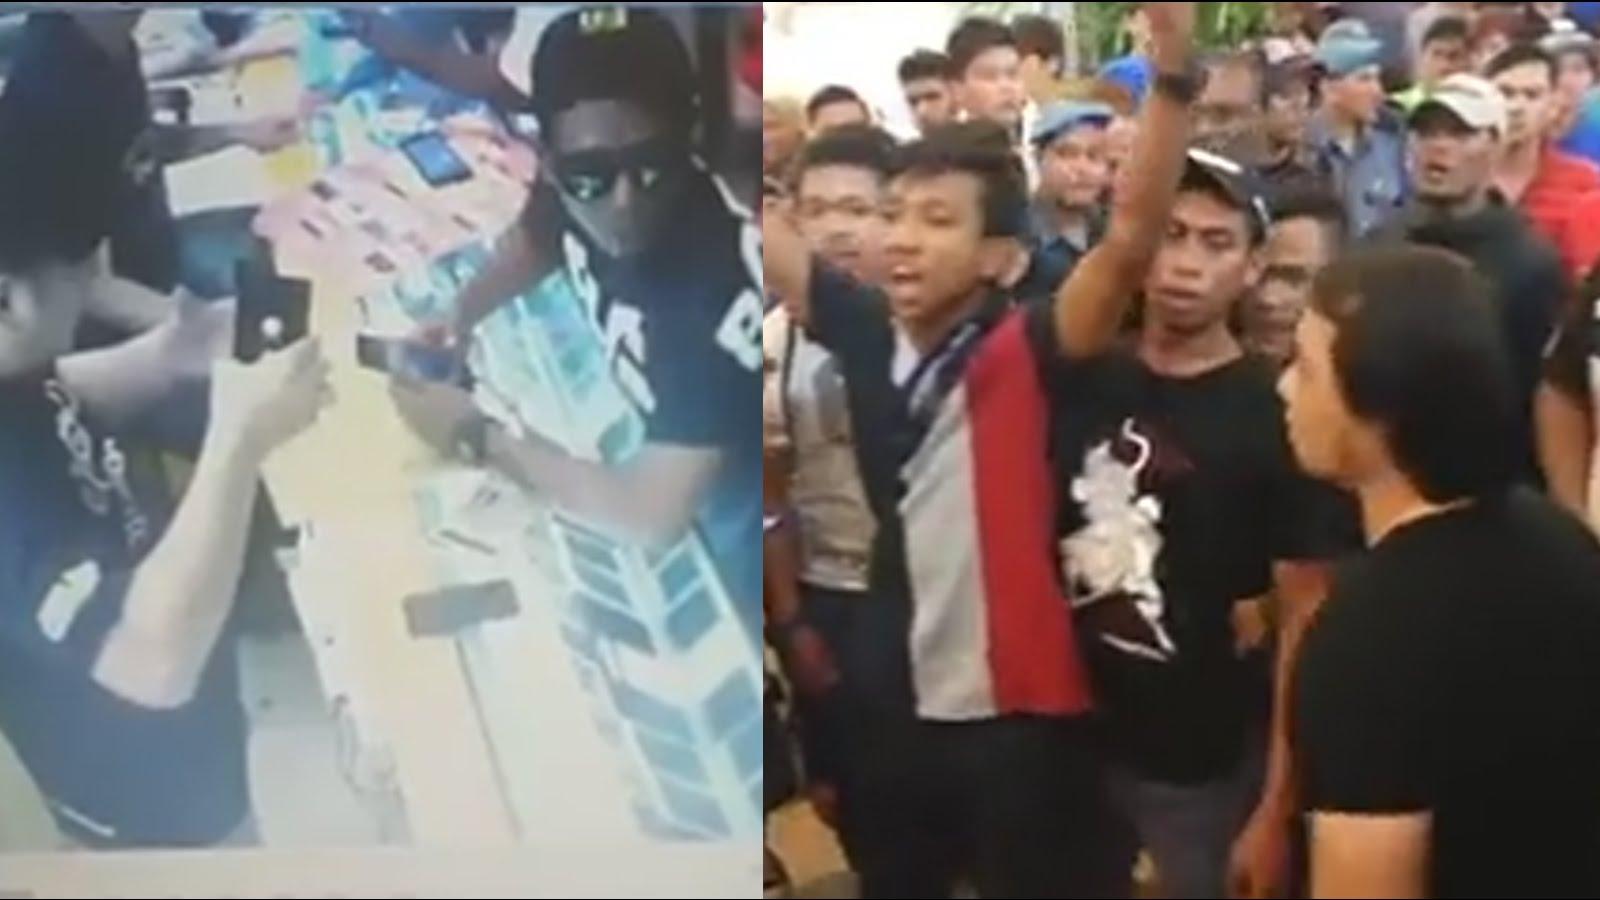 KLマレーシアの街がちょっと一時停止になった事件。マレーシアOPPO暴動